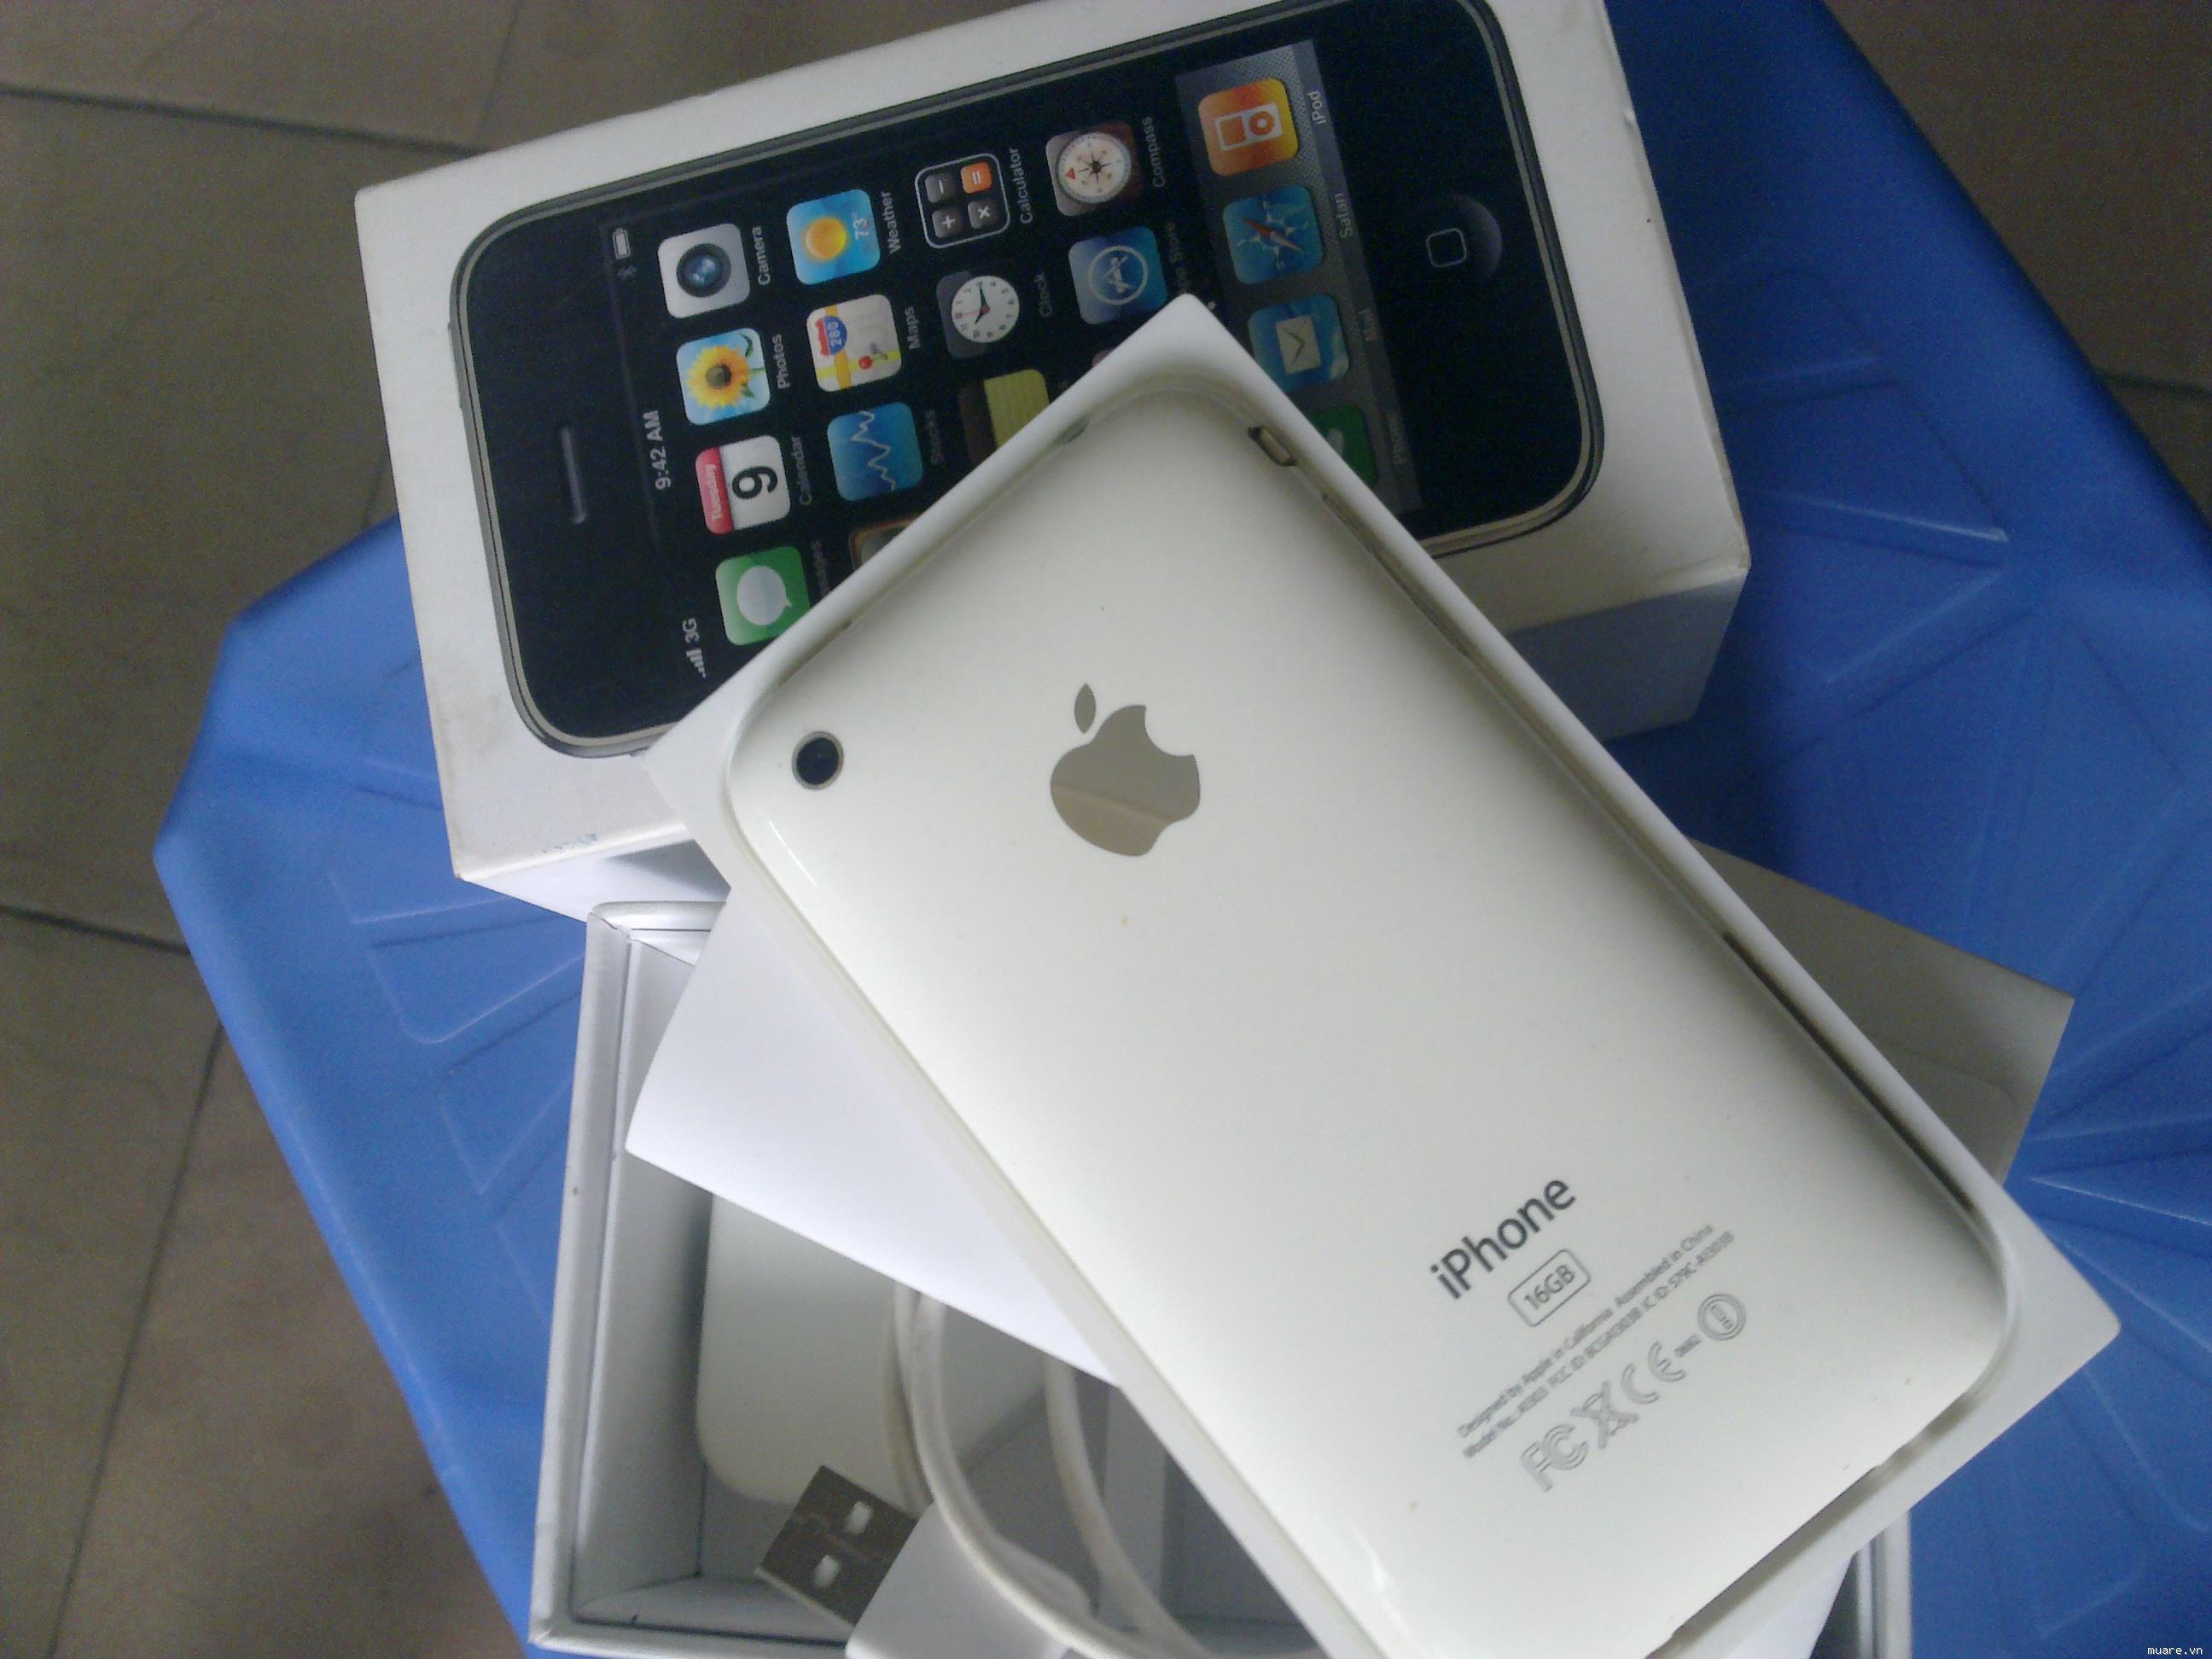 3GS - 16G - màu trắng - zin - bản quốc tế - fullbox